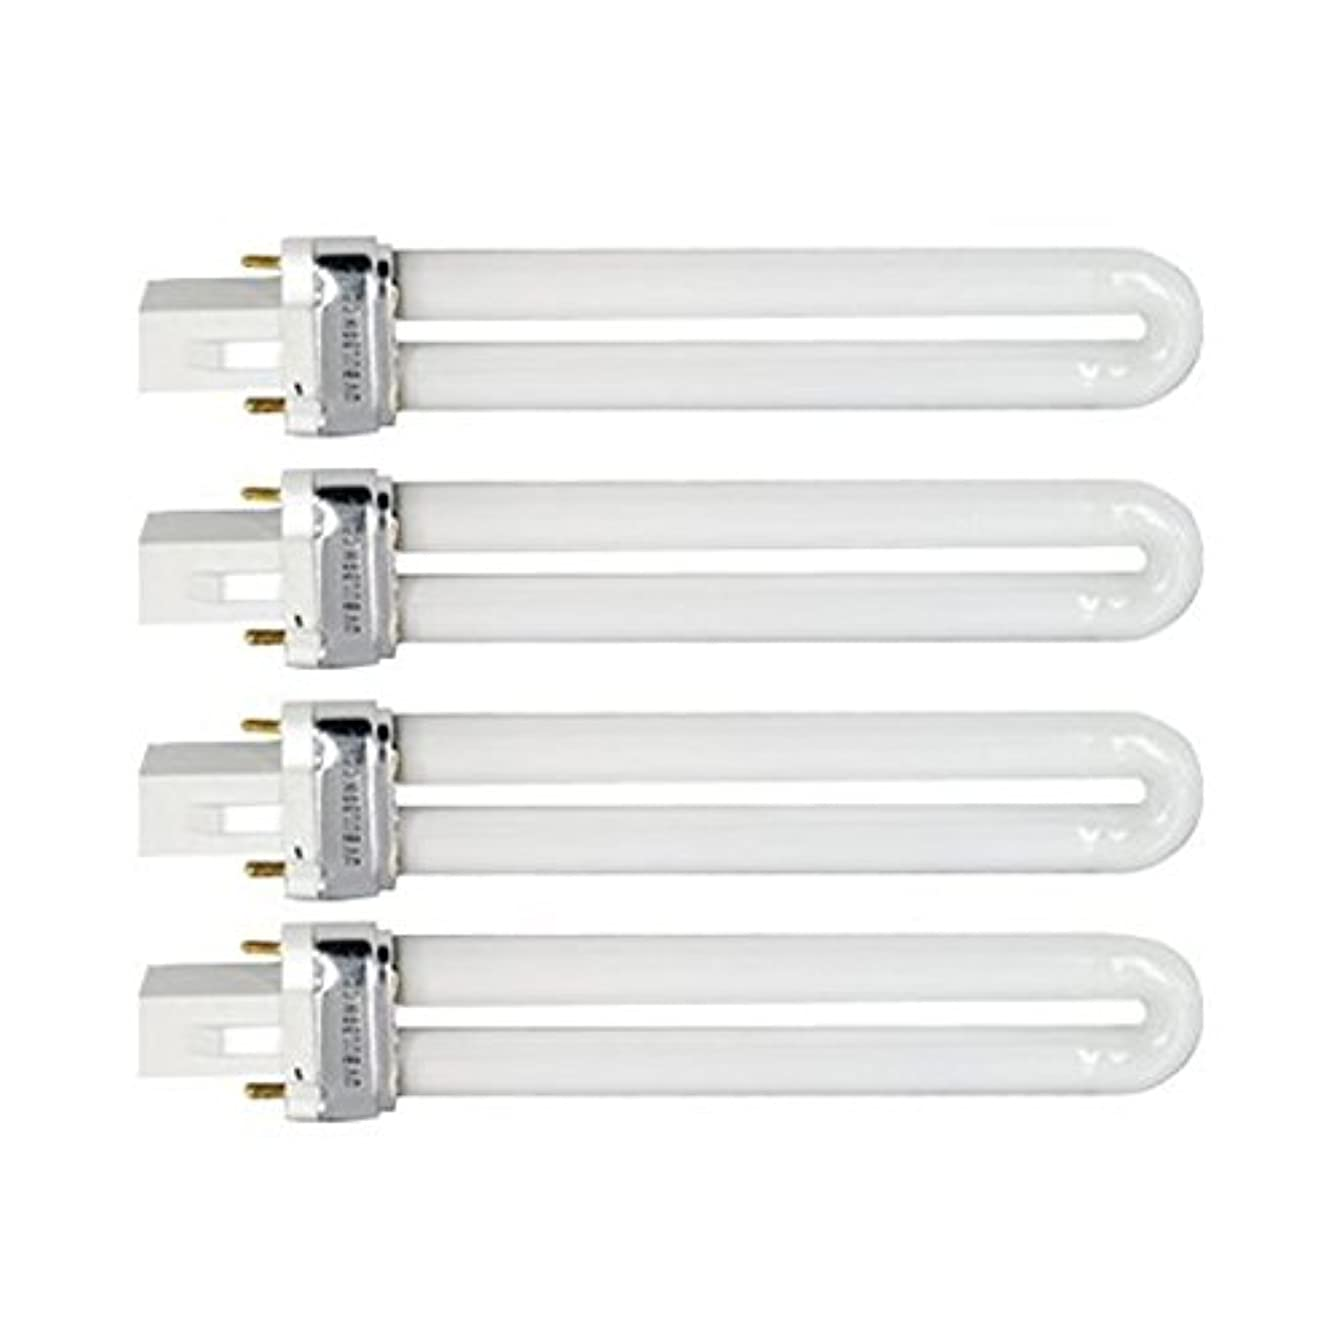 組み立てる実際の飽和するTinksky UV灯 紫外線 殺菌灯 電球交換 9 ワット U 型 365 nm ランプ電球チューブ ネイル アート Dryer-4 pcsset